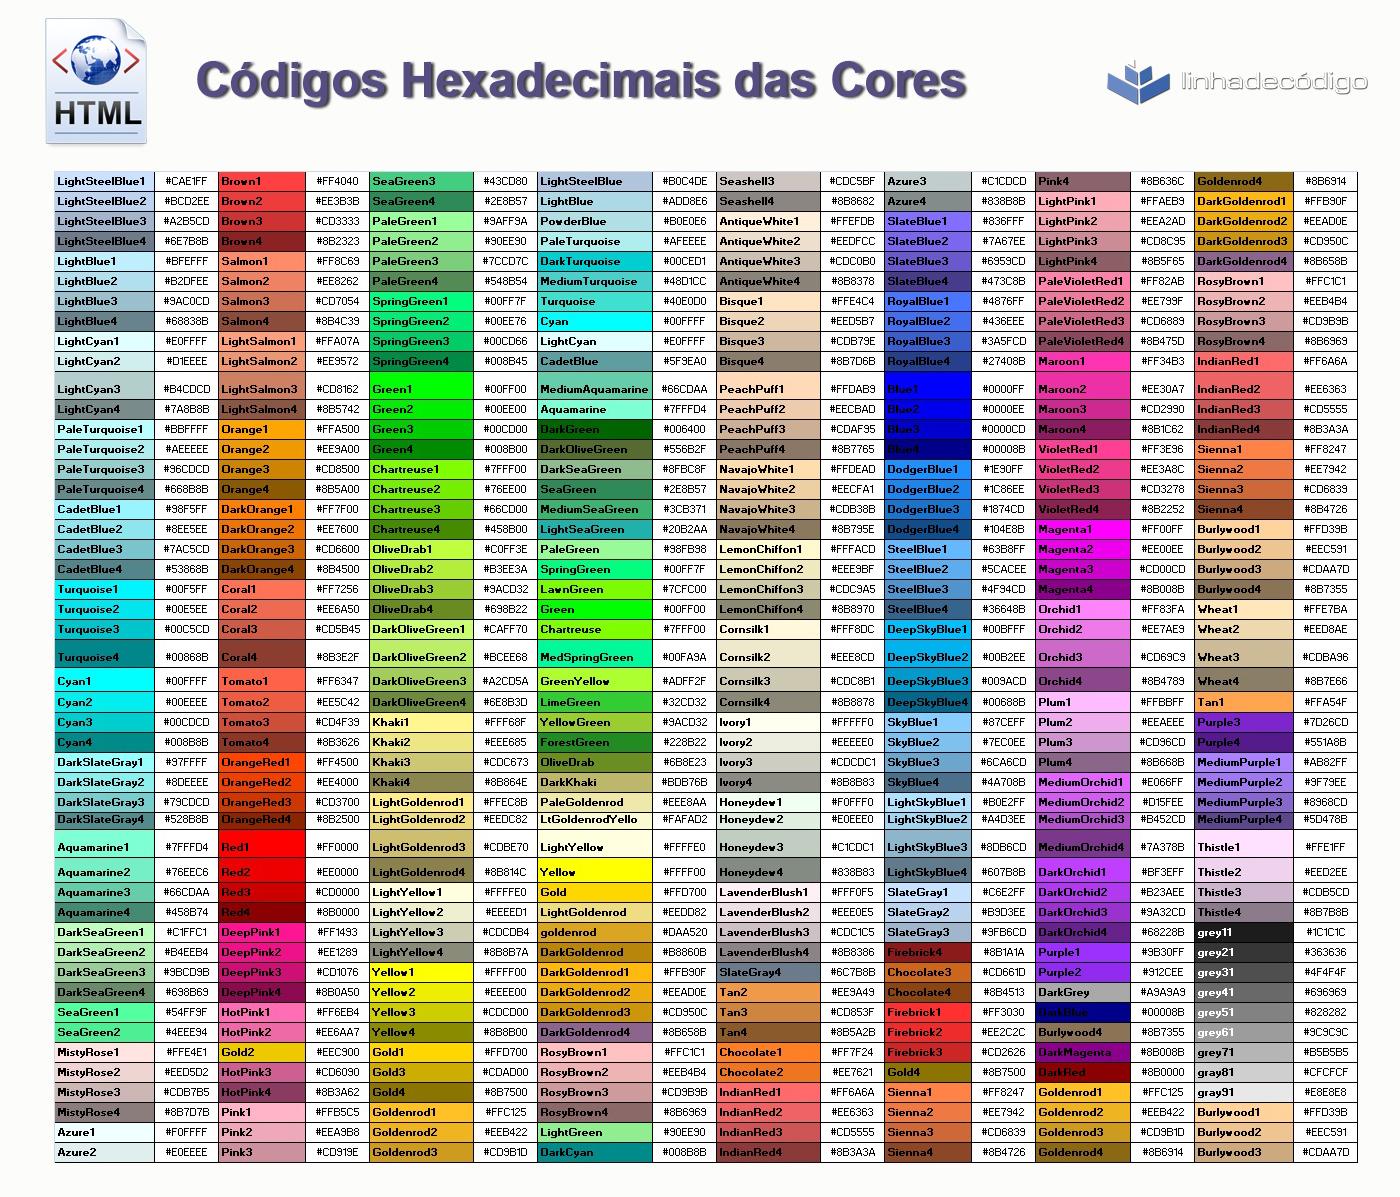 Infográfico dos códigos das cores hexadecimais em html